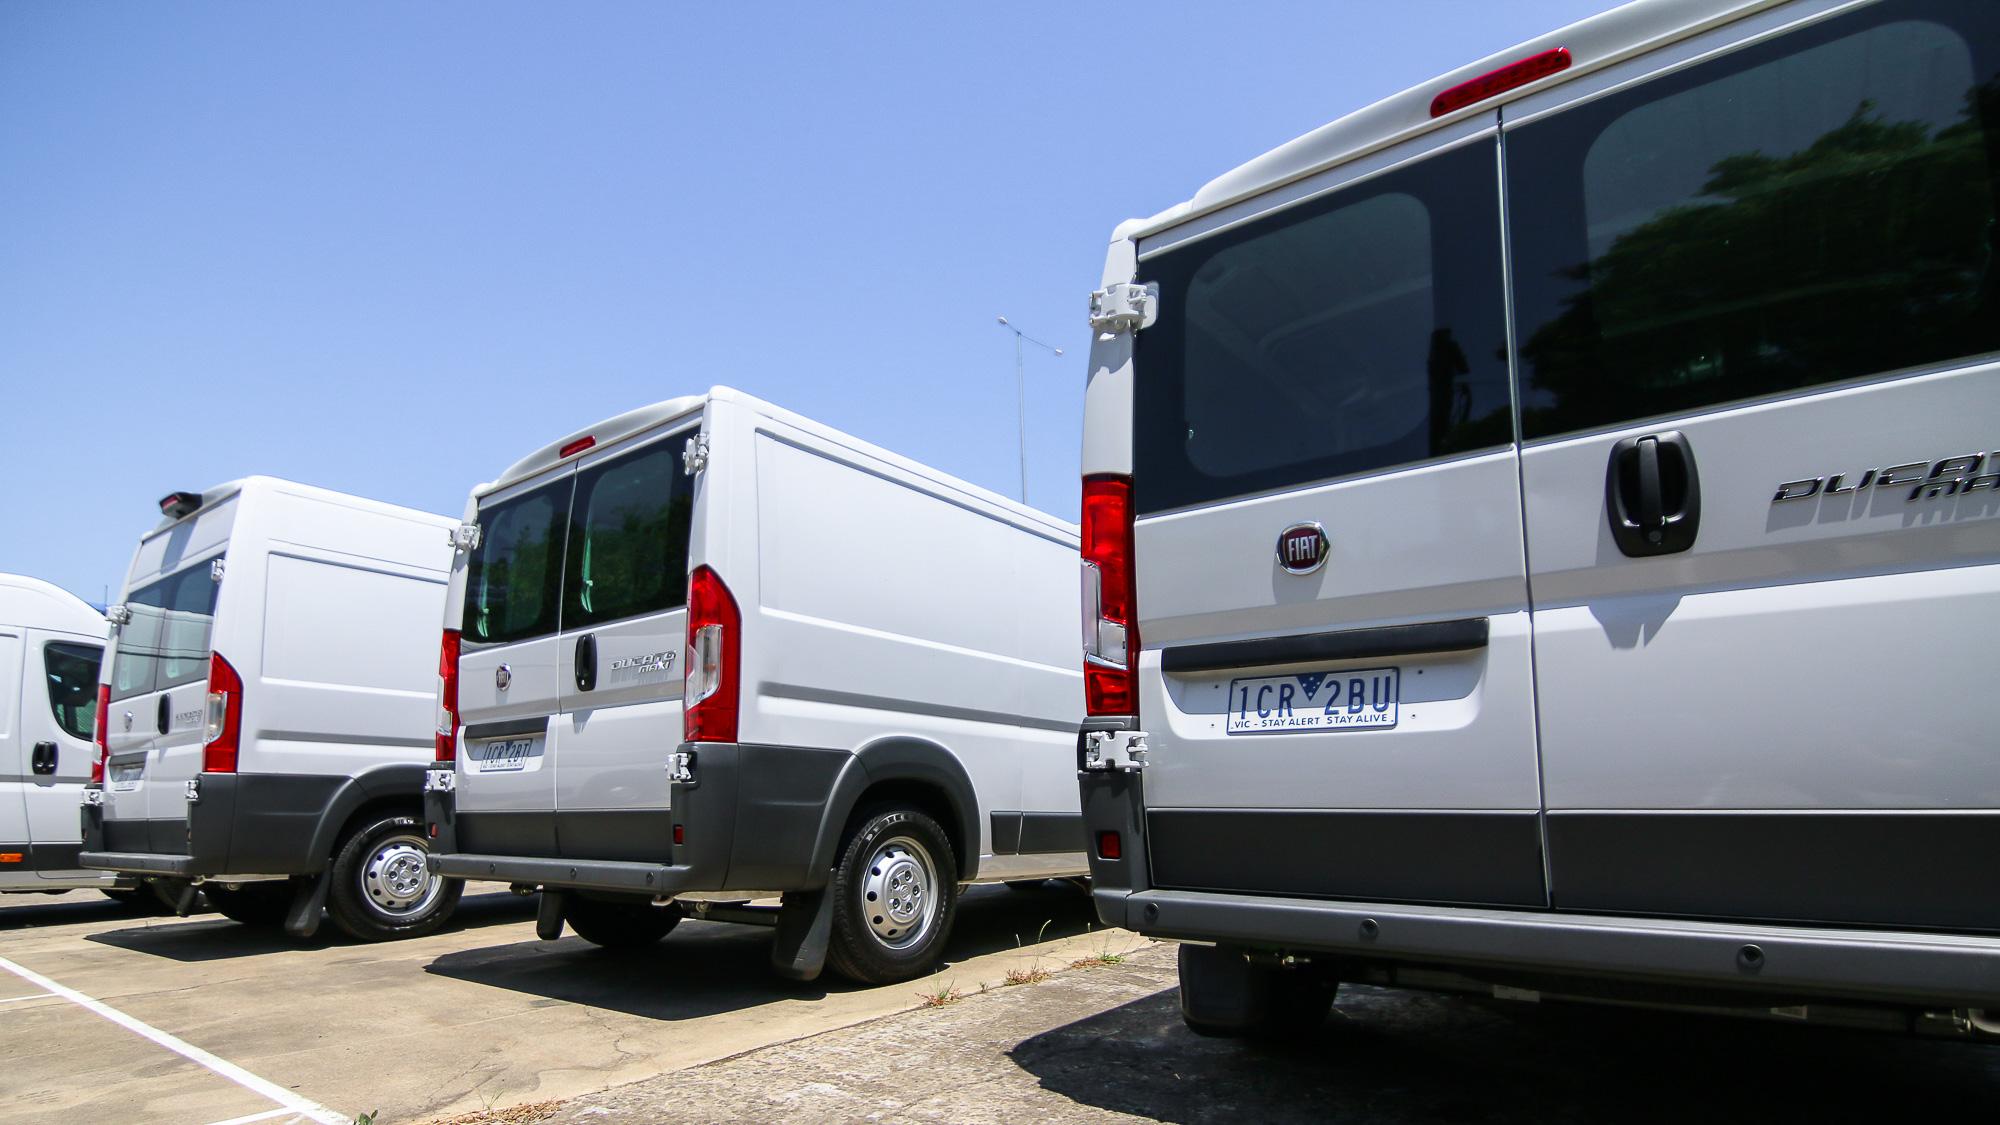 2015 Diesel Suvs For Sale In Usa.html | Autos Weblog